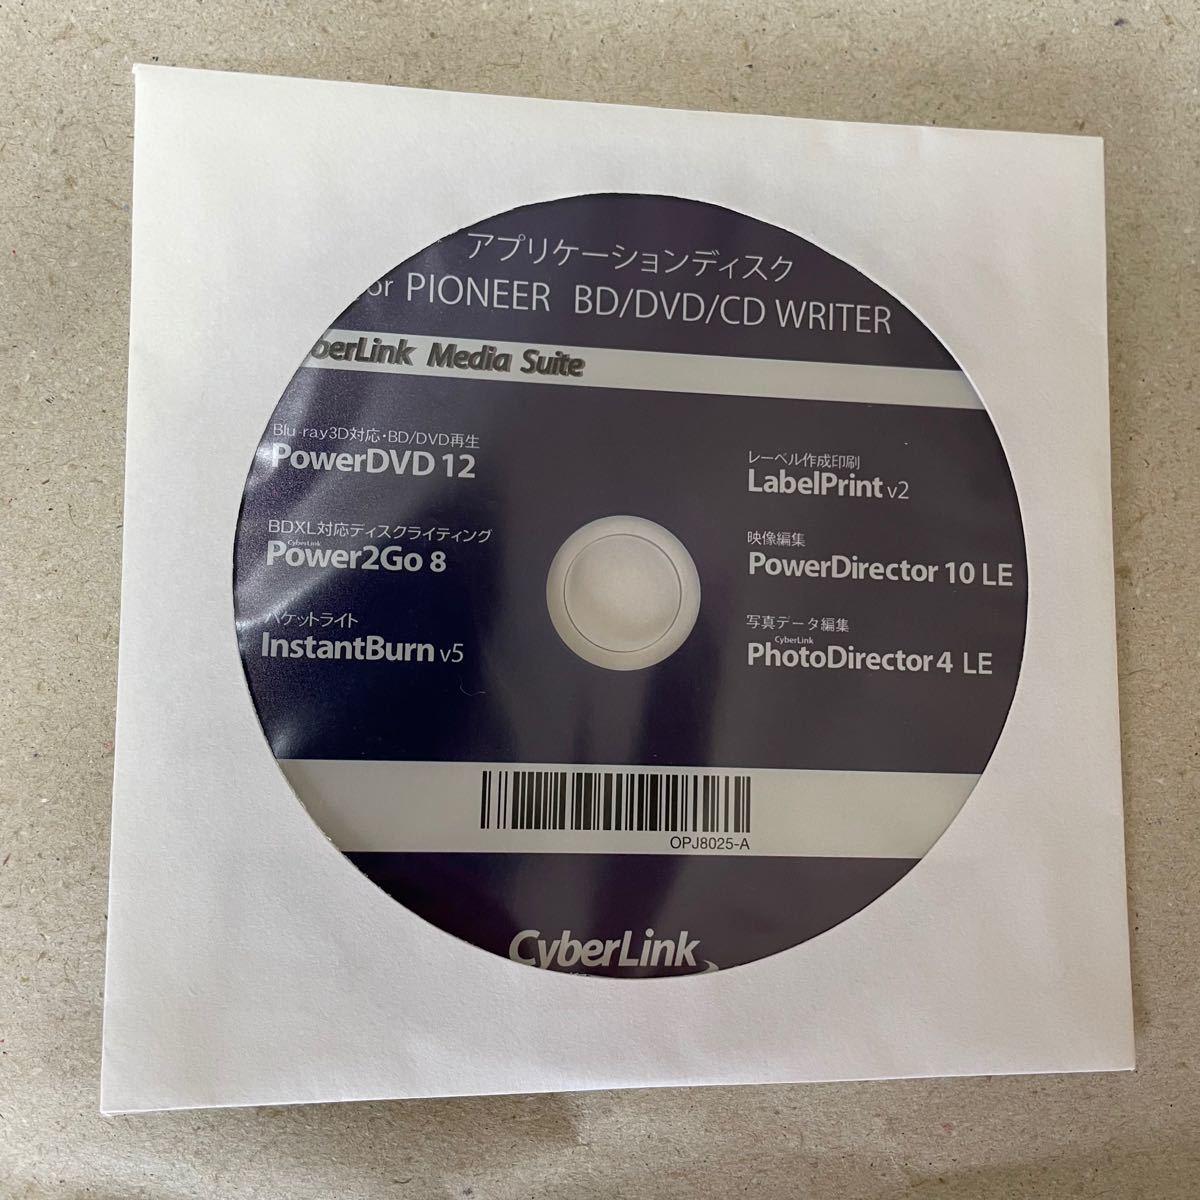 Pioneer パイオニア BDXL対応 USB3.0 BDR-XD05J2